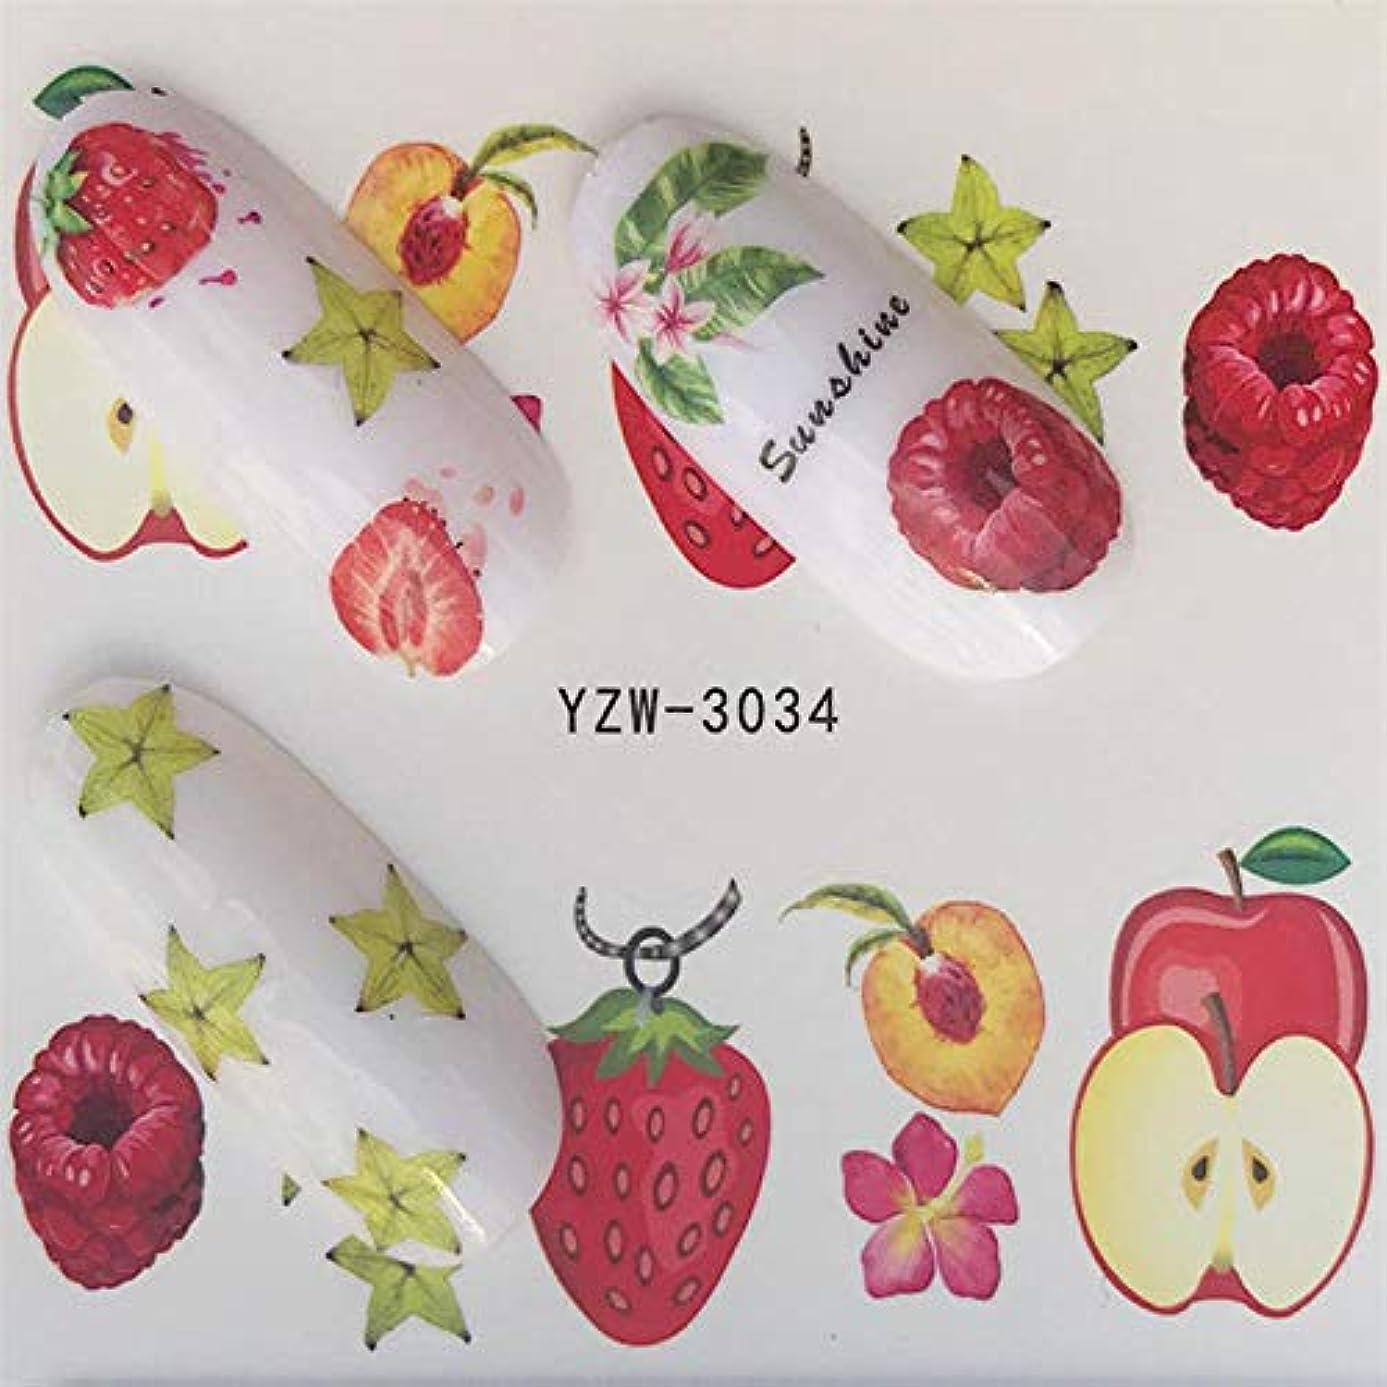 絶妙マザーランド試用SUKTI&XIAO ネイルステッカー 1ピース漫画フラミンゴ/花/果物水転写ステッカーネイルアートデカールラップヒントマニキュアツール、Yzw-3034